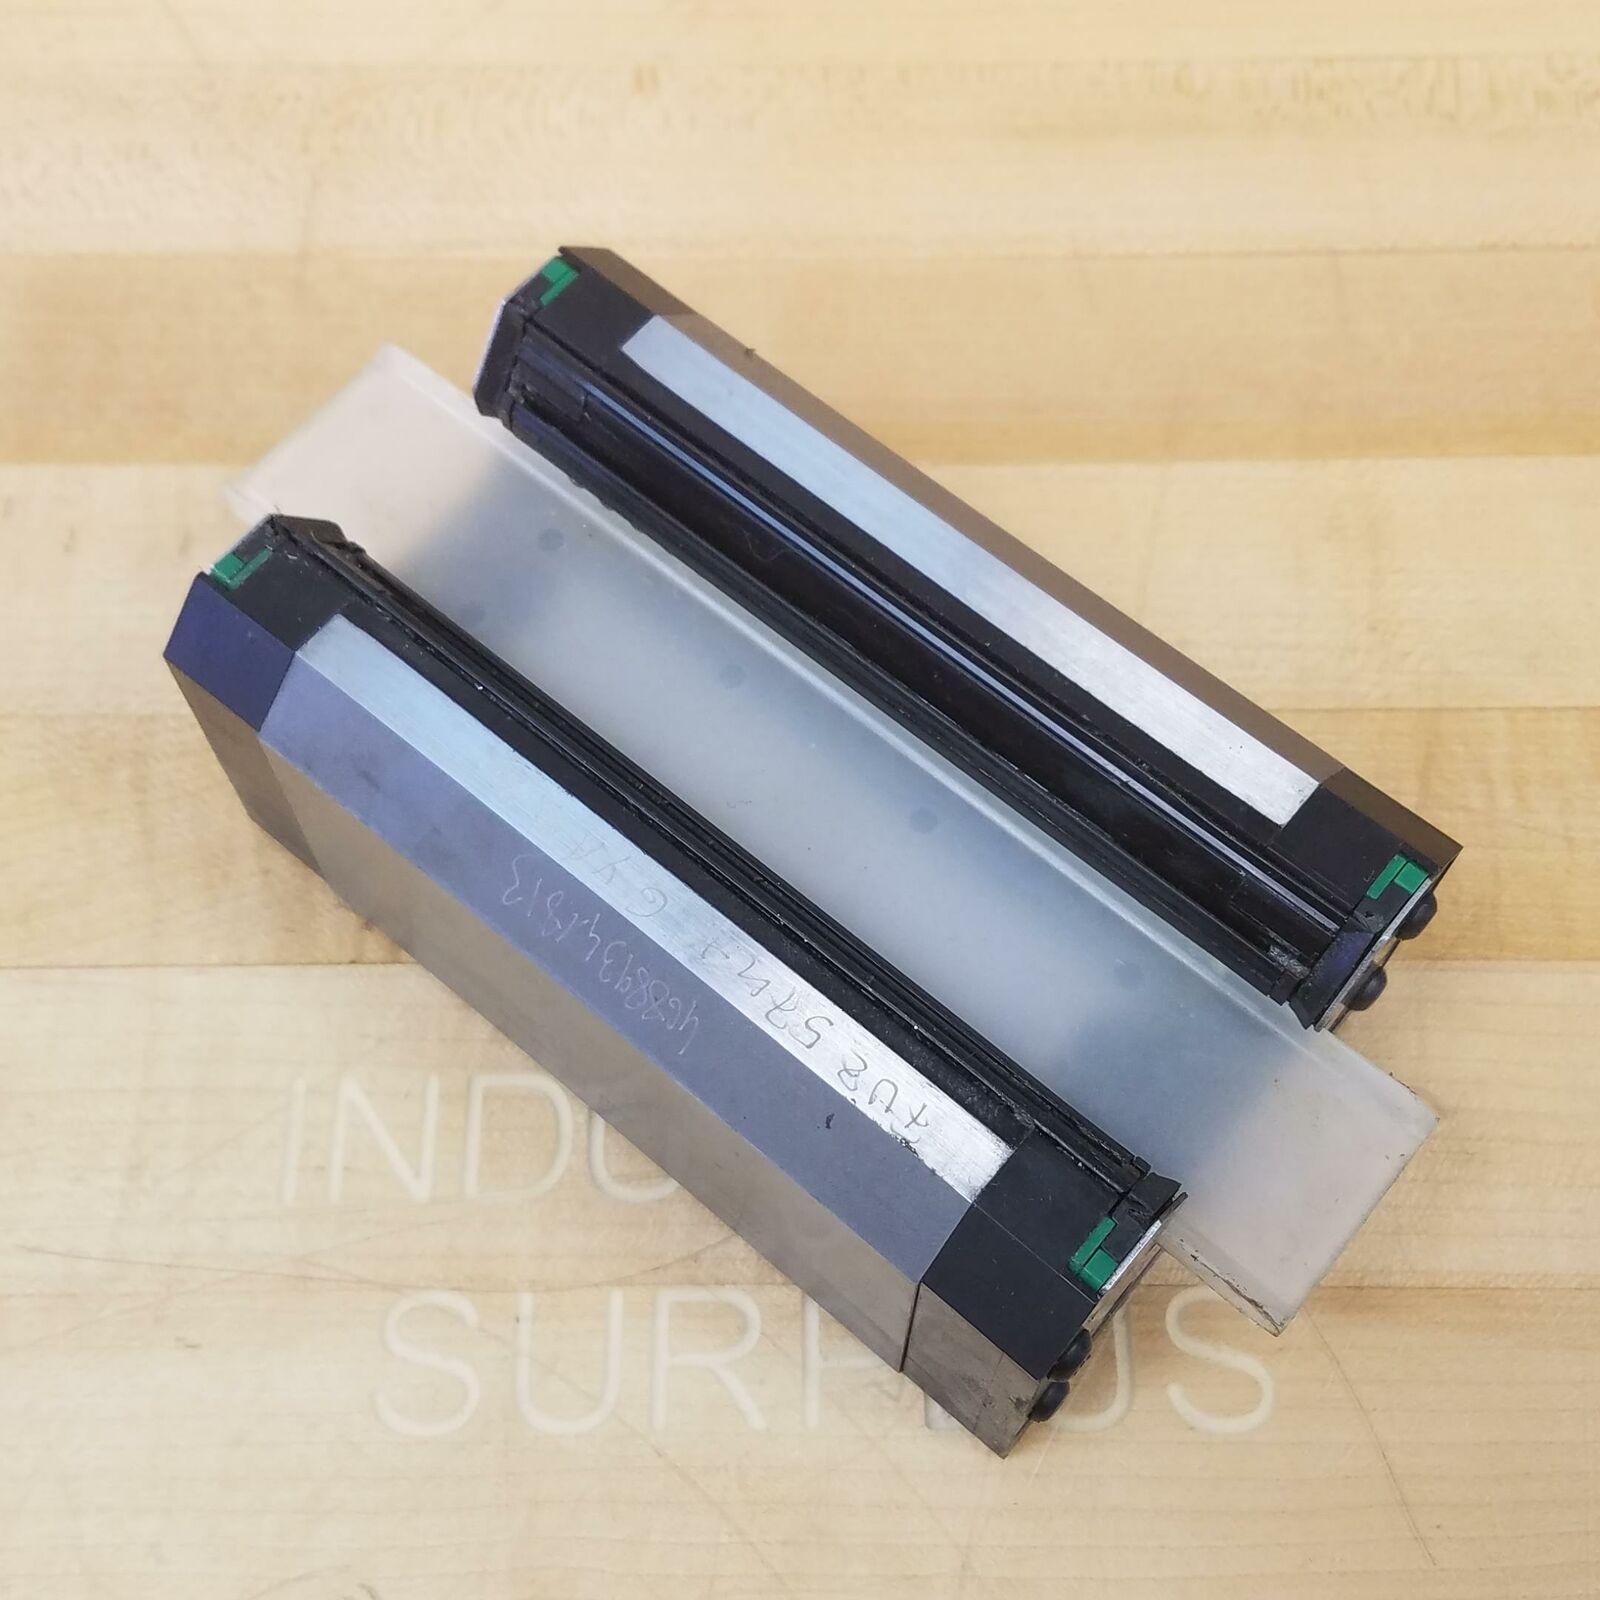 INA Linear Bearing 87 V6 RWU 35D OE FA520 Warranty Used